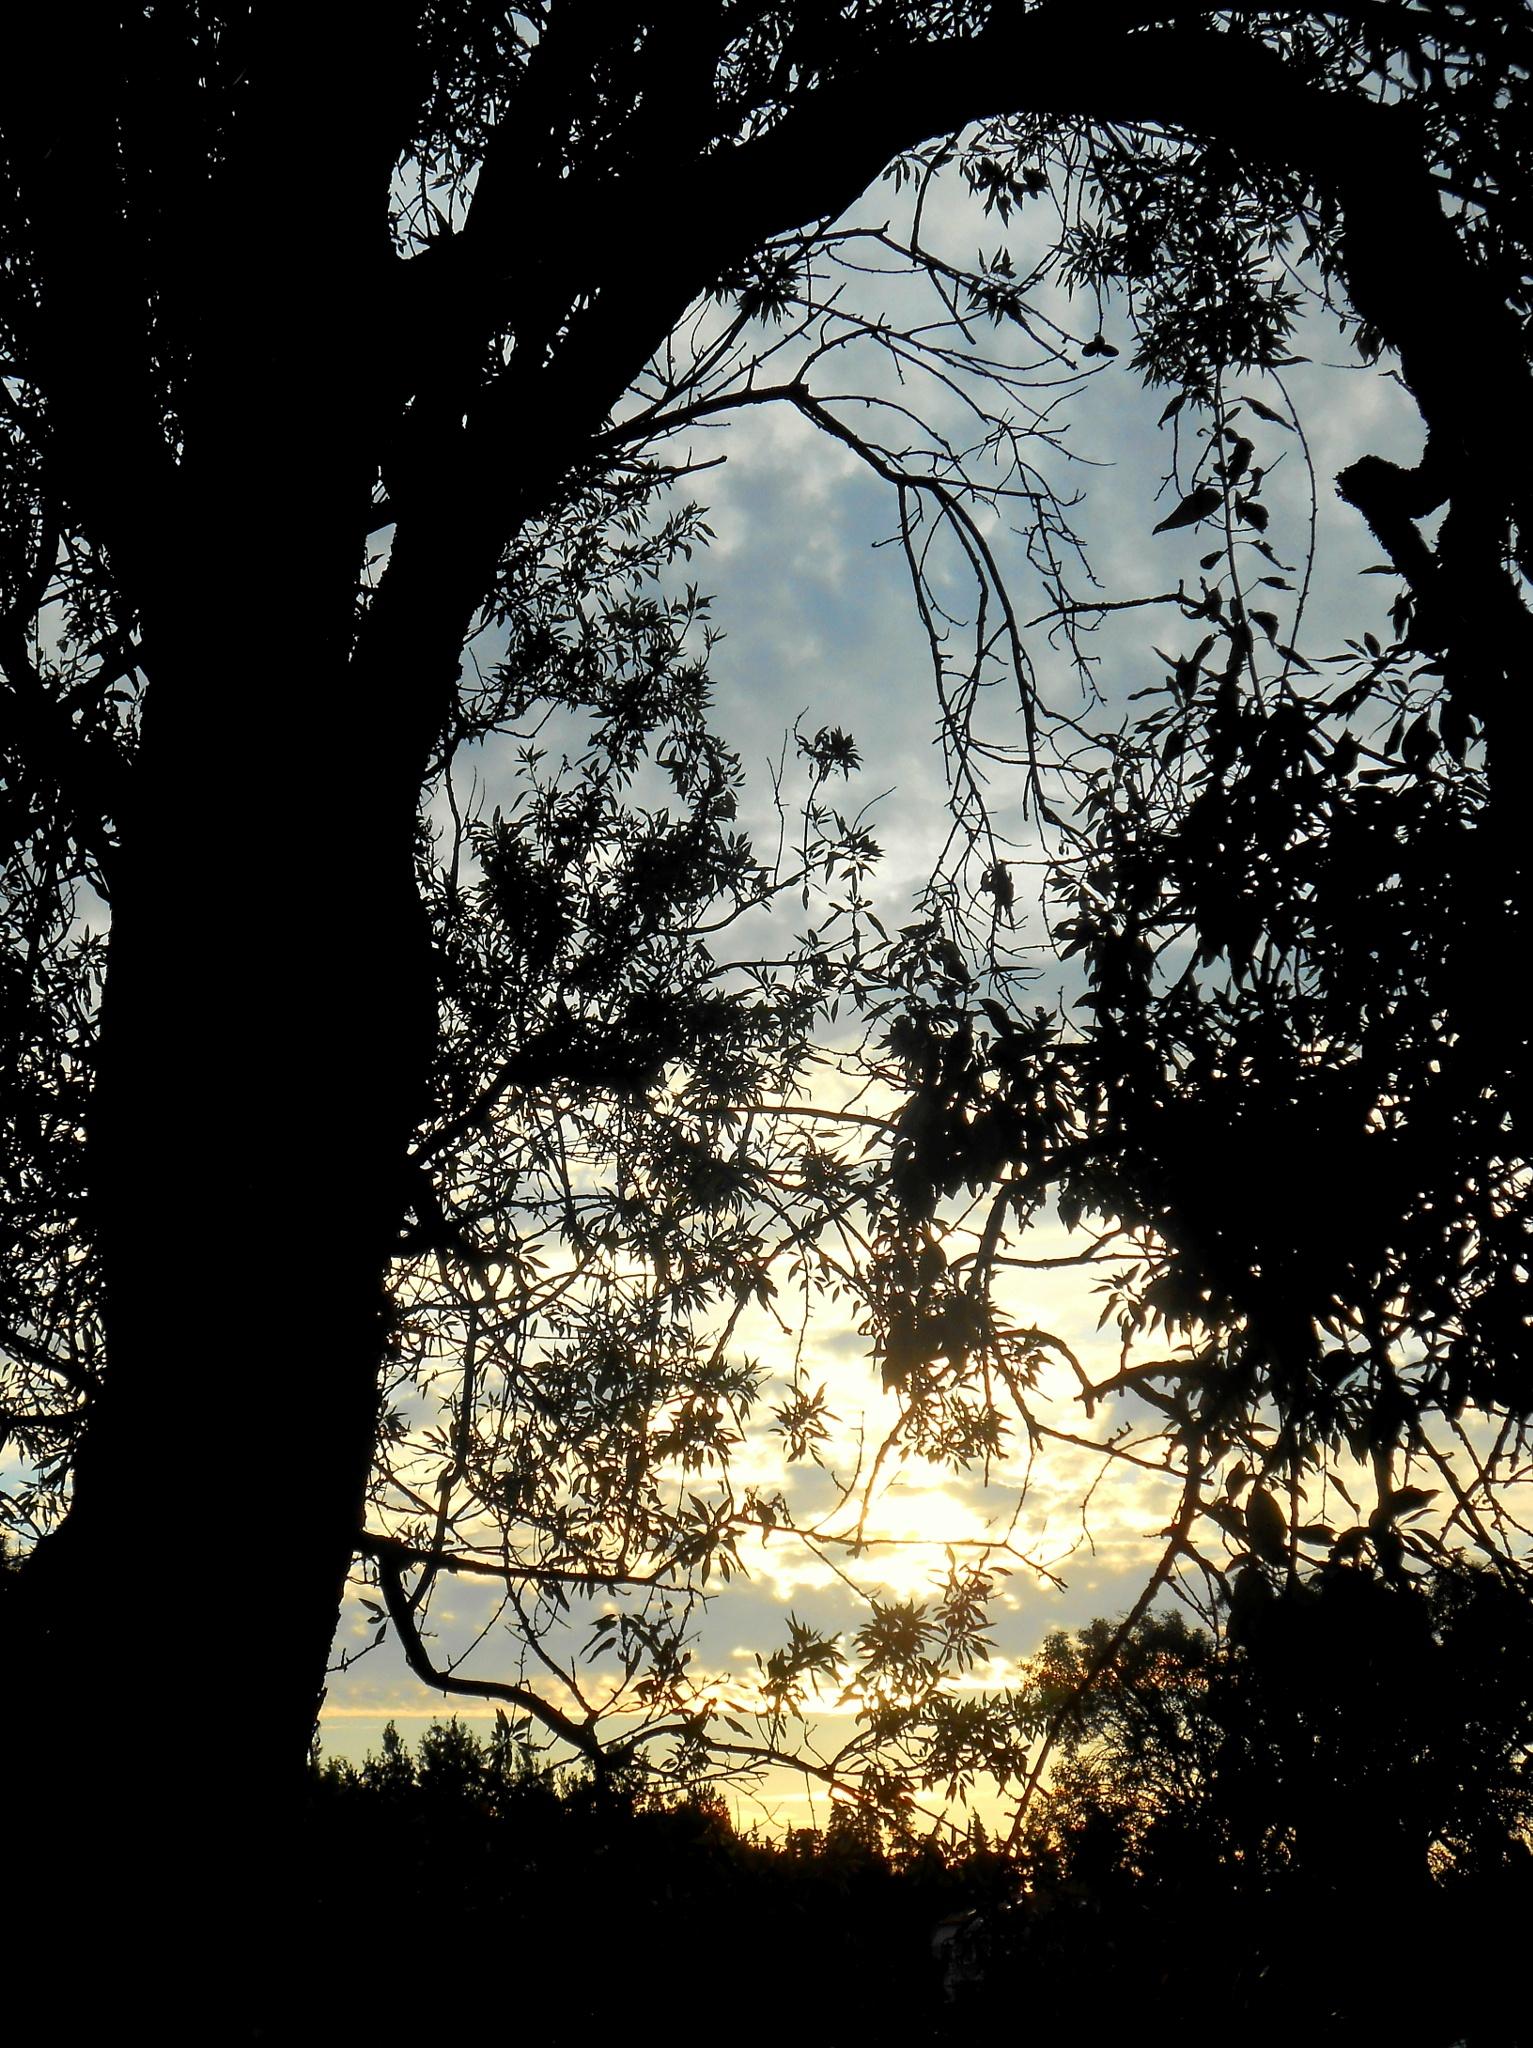 sunset by meritta.glasnovich